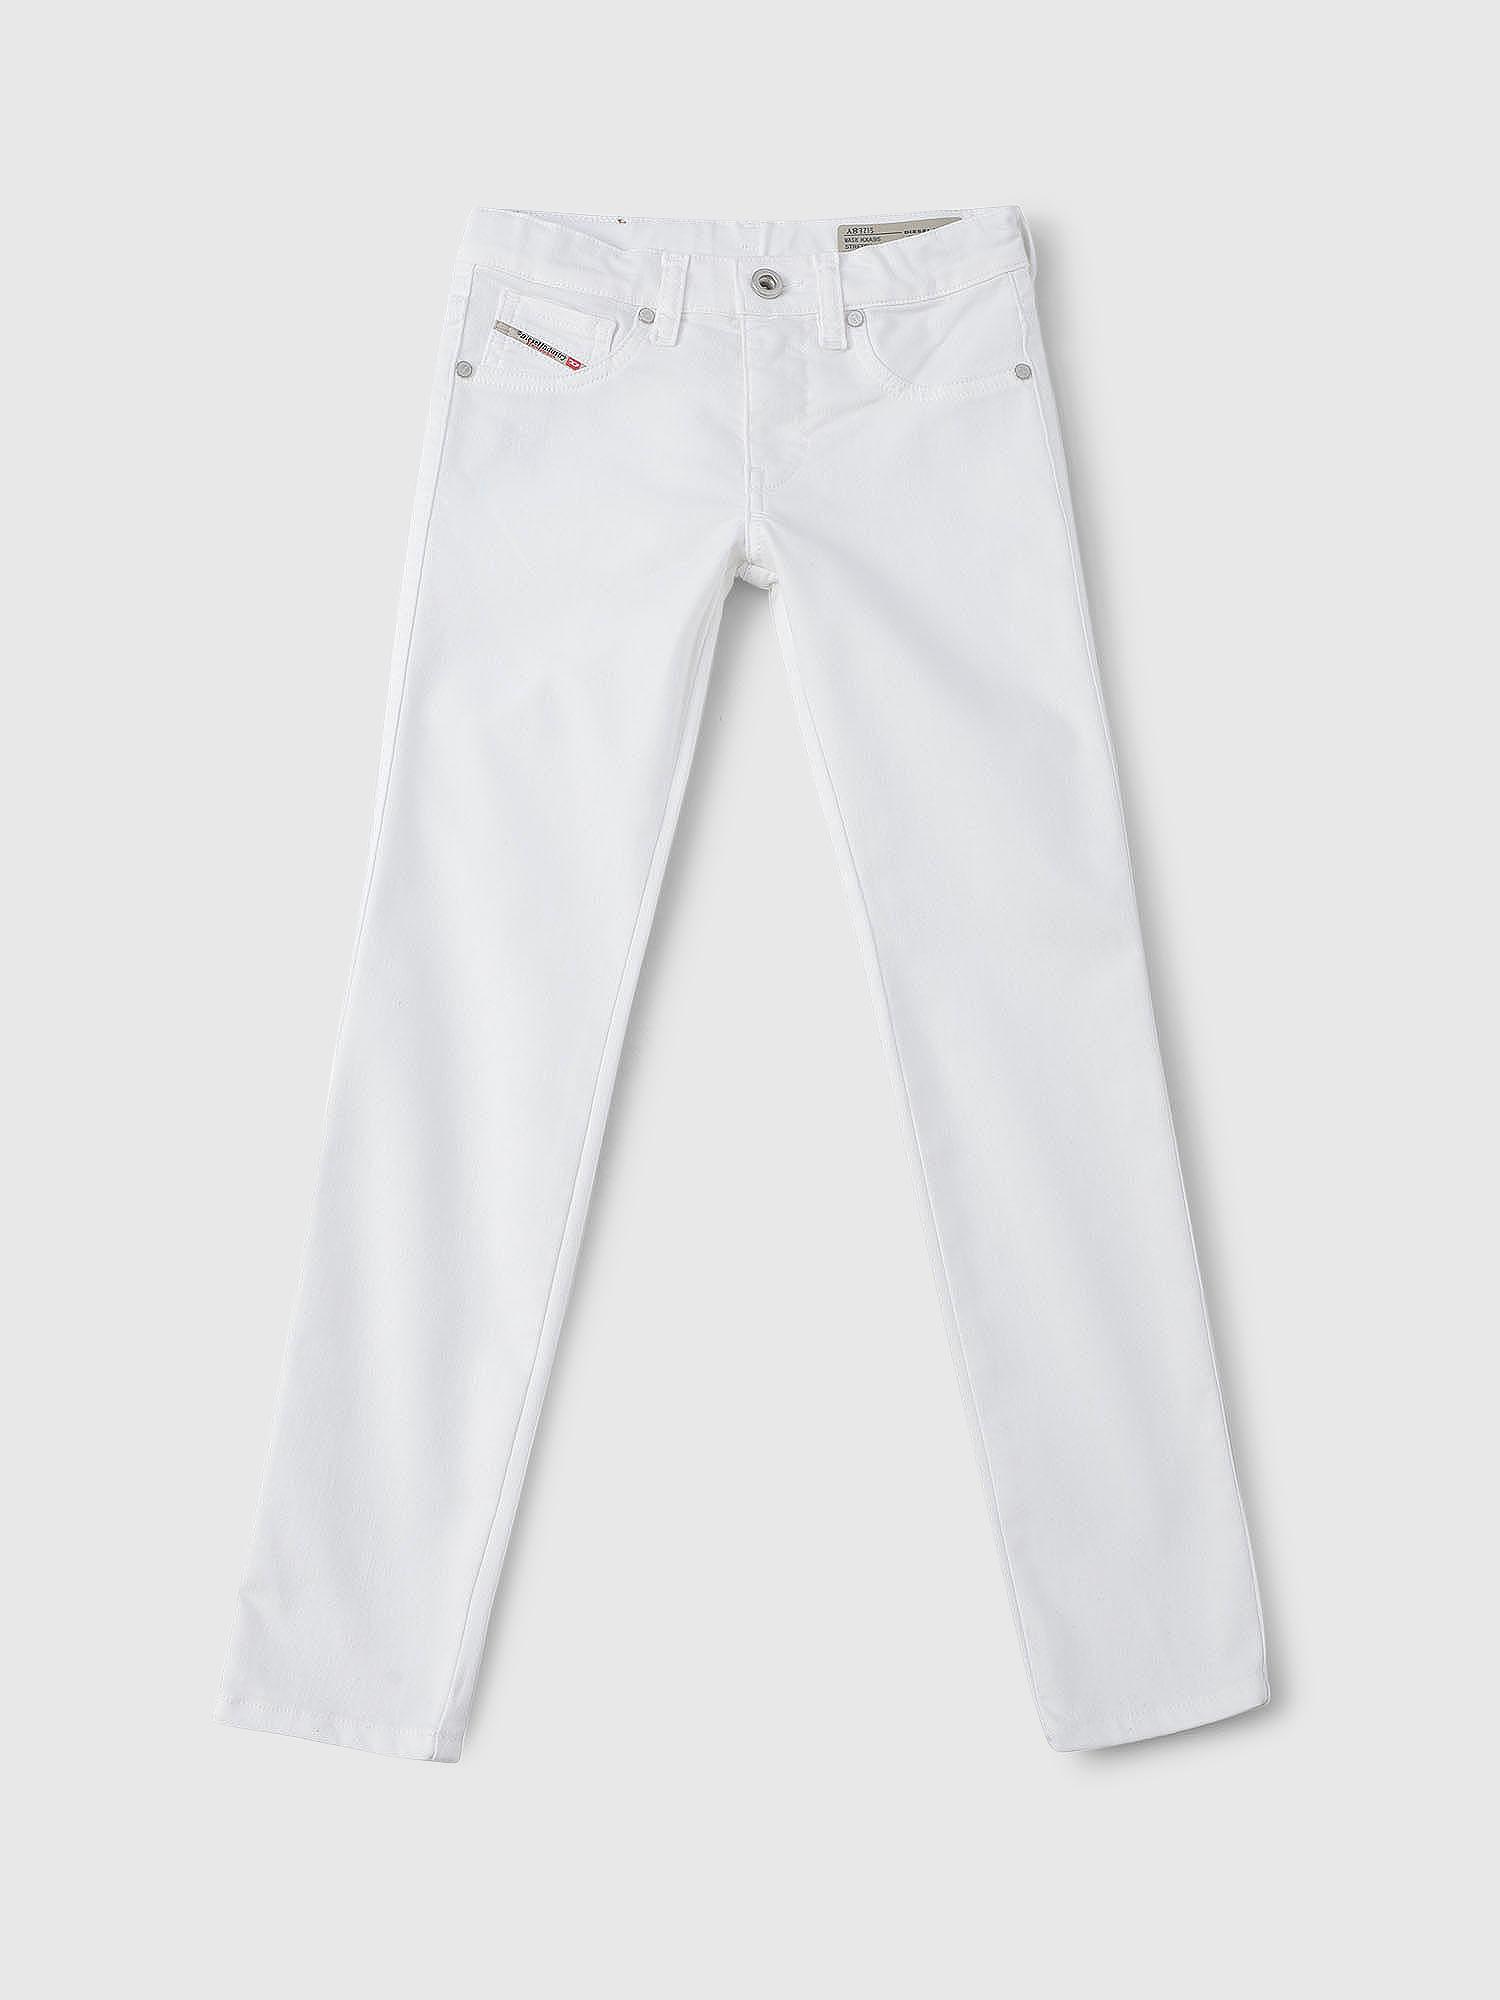 Diesel Jeans KXA95 - White - 10Y